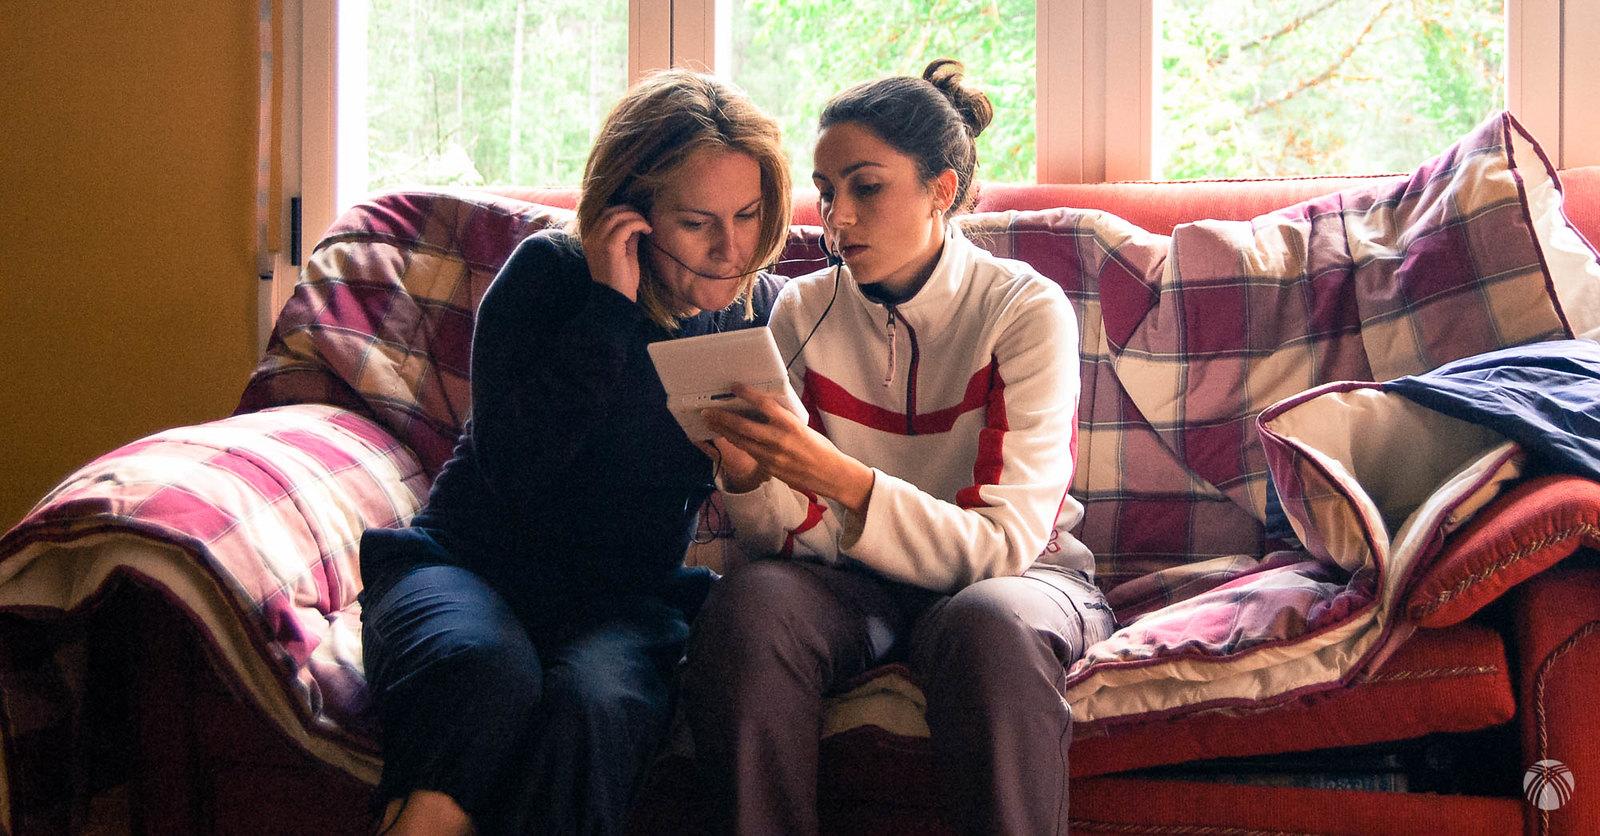 Marién y Lourdes estudiando inglés